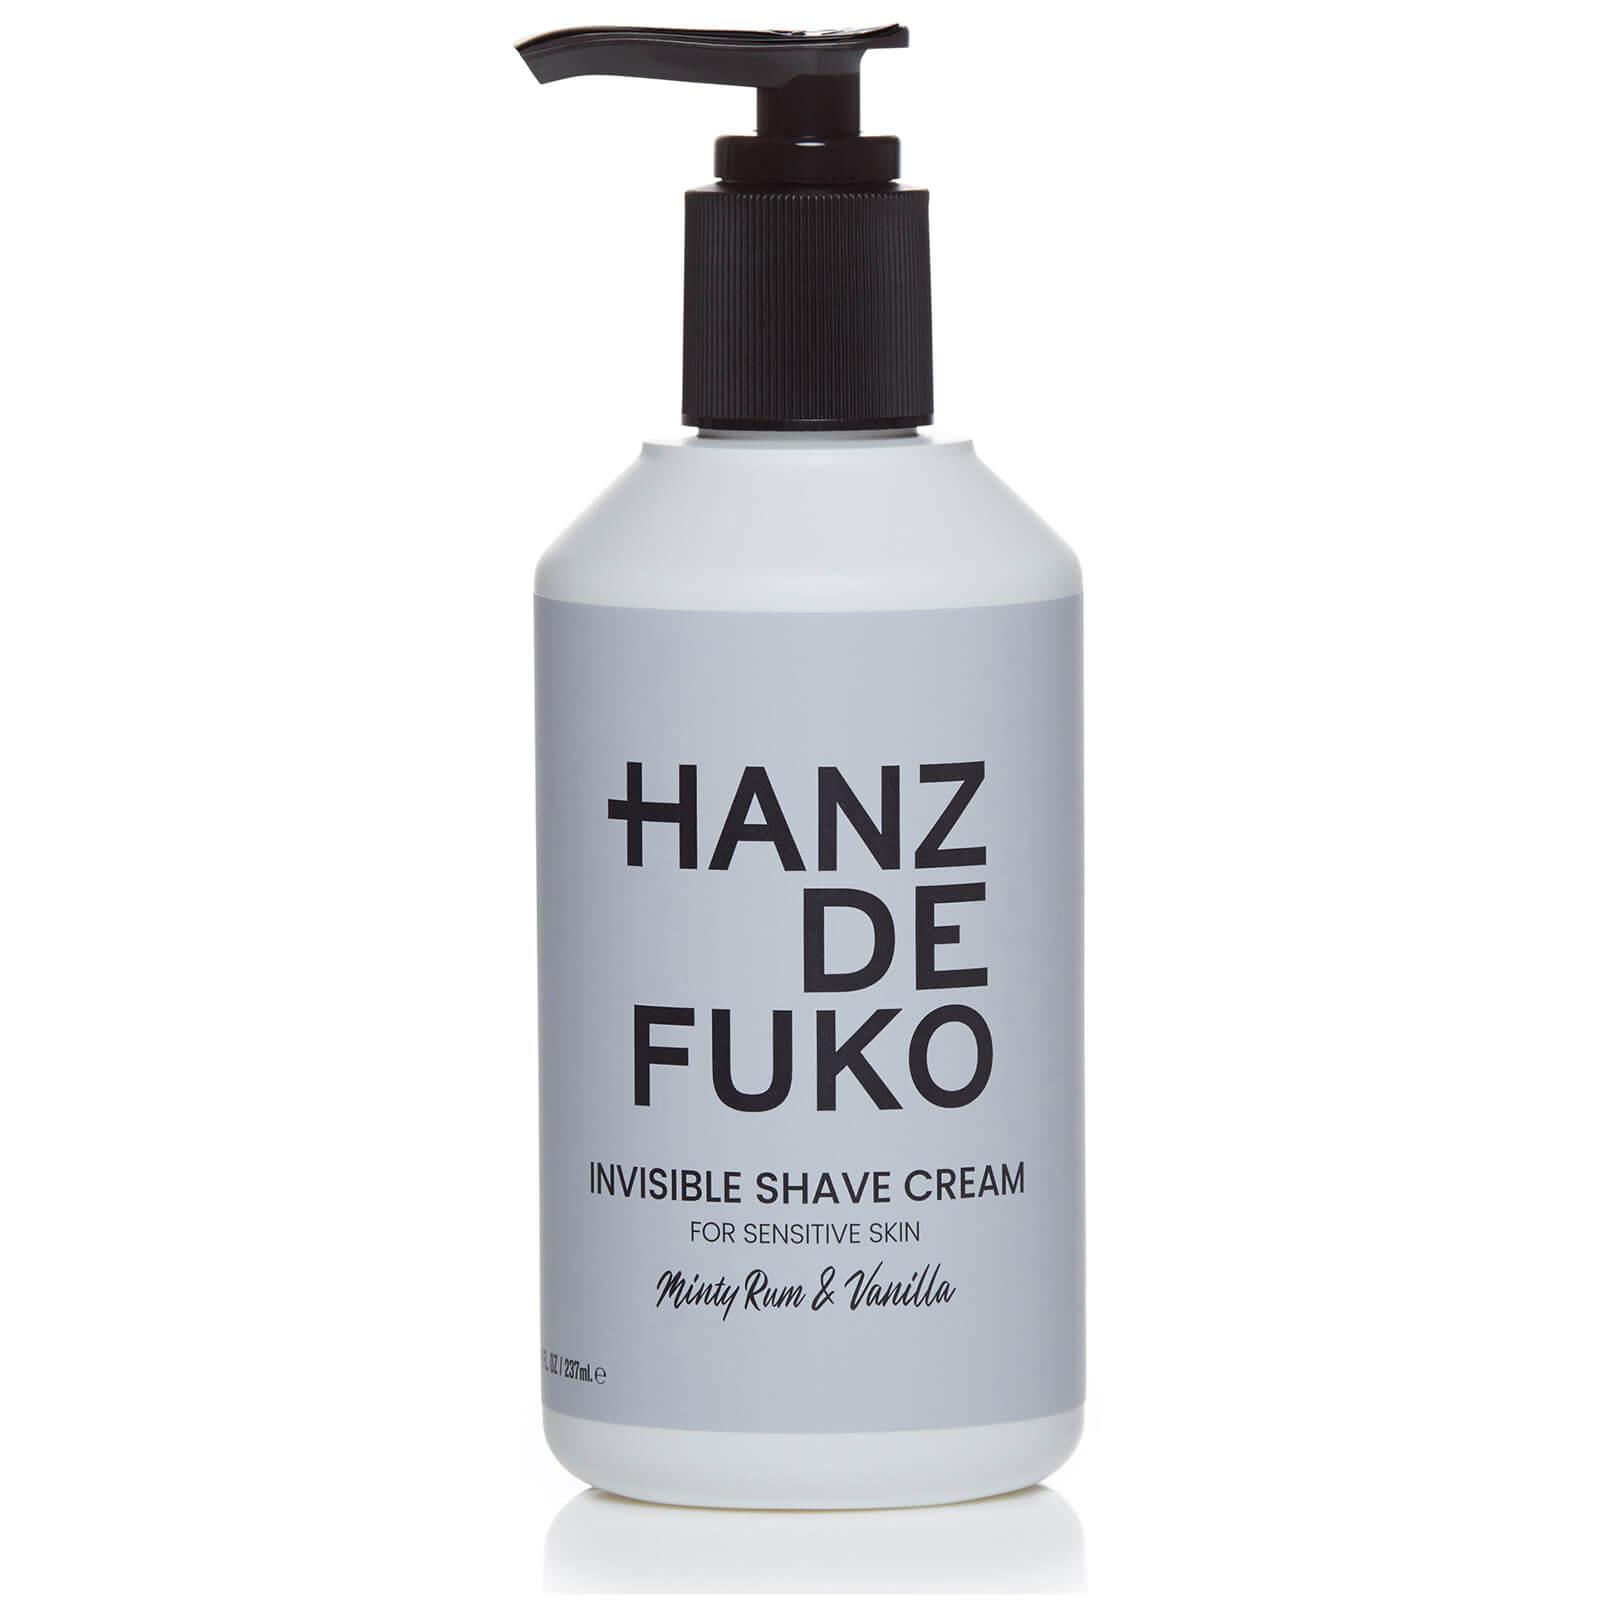 Купить Hanz de Fuko Invisible Shave Cream 237ml